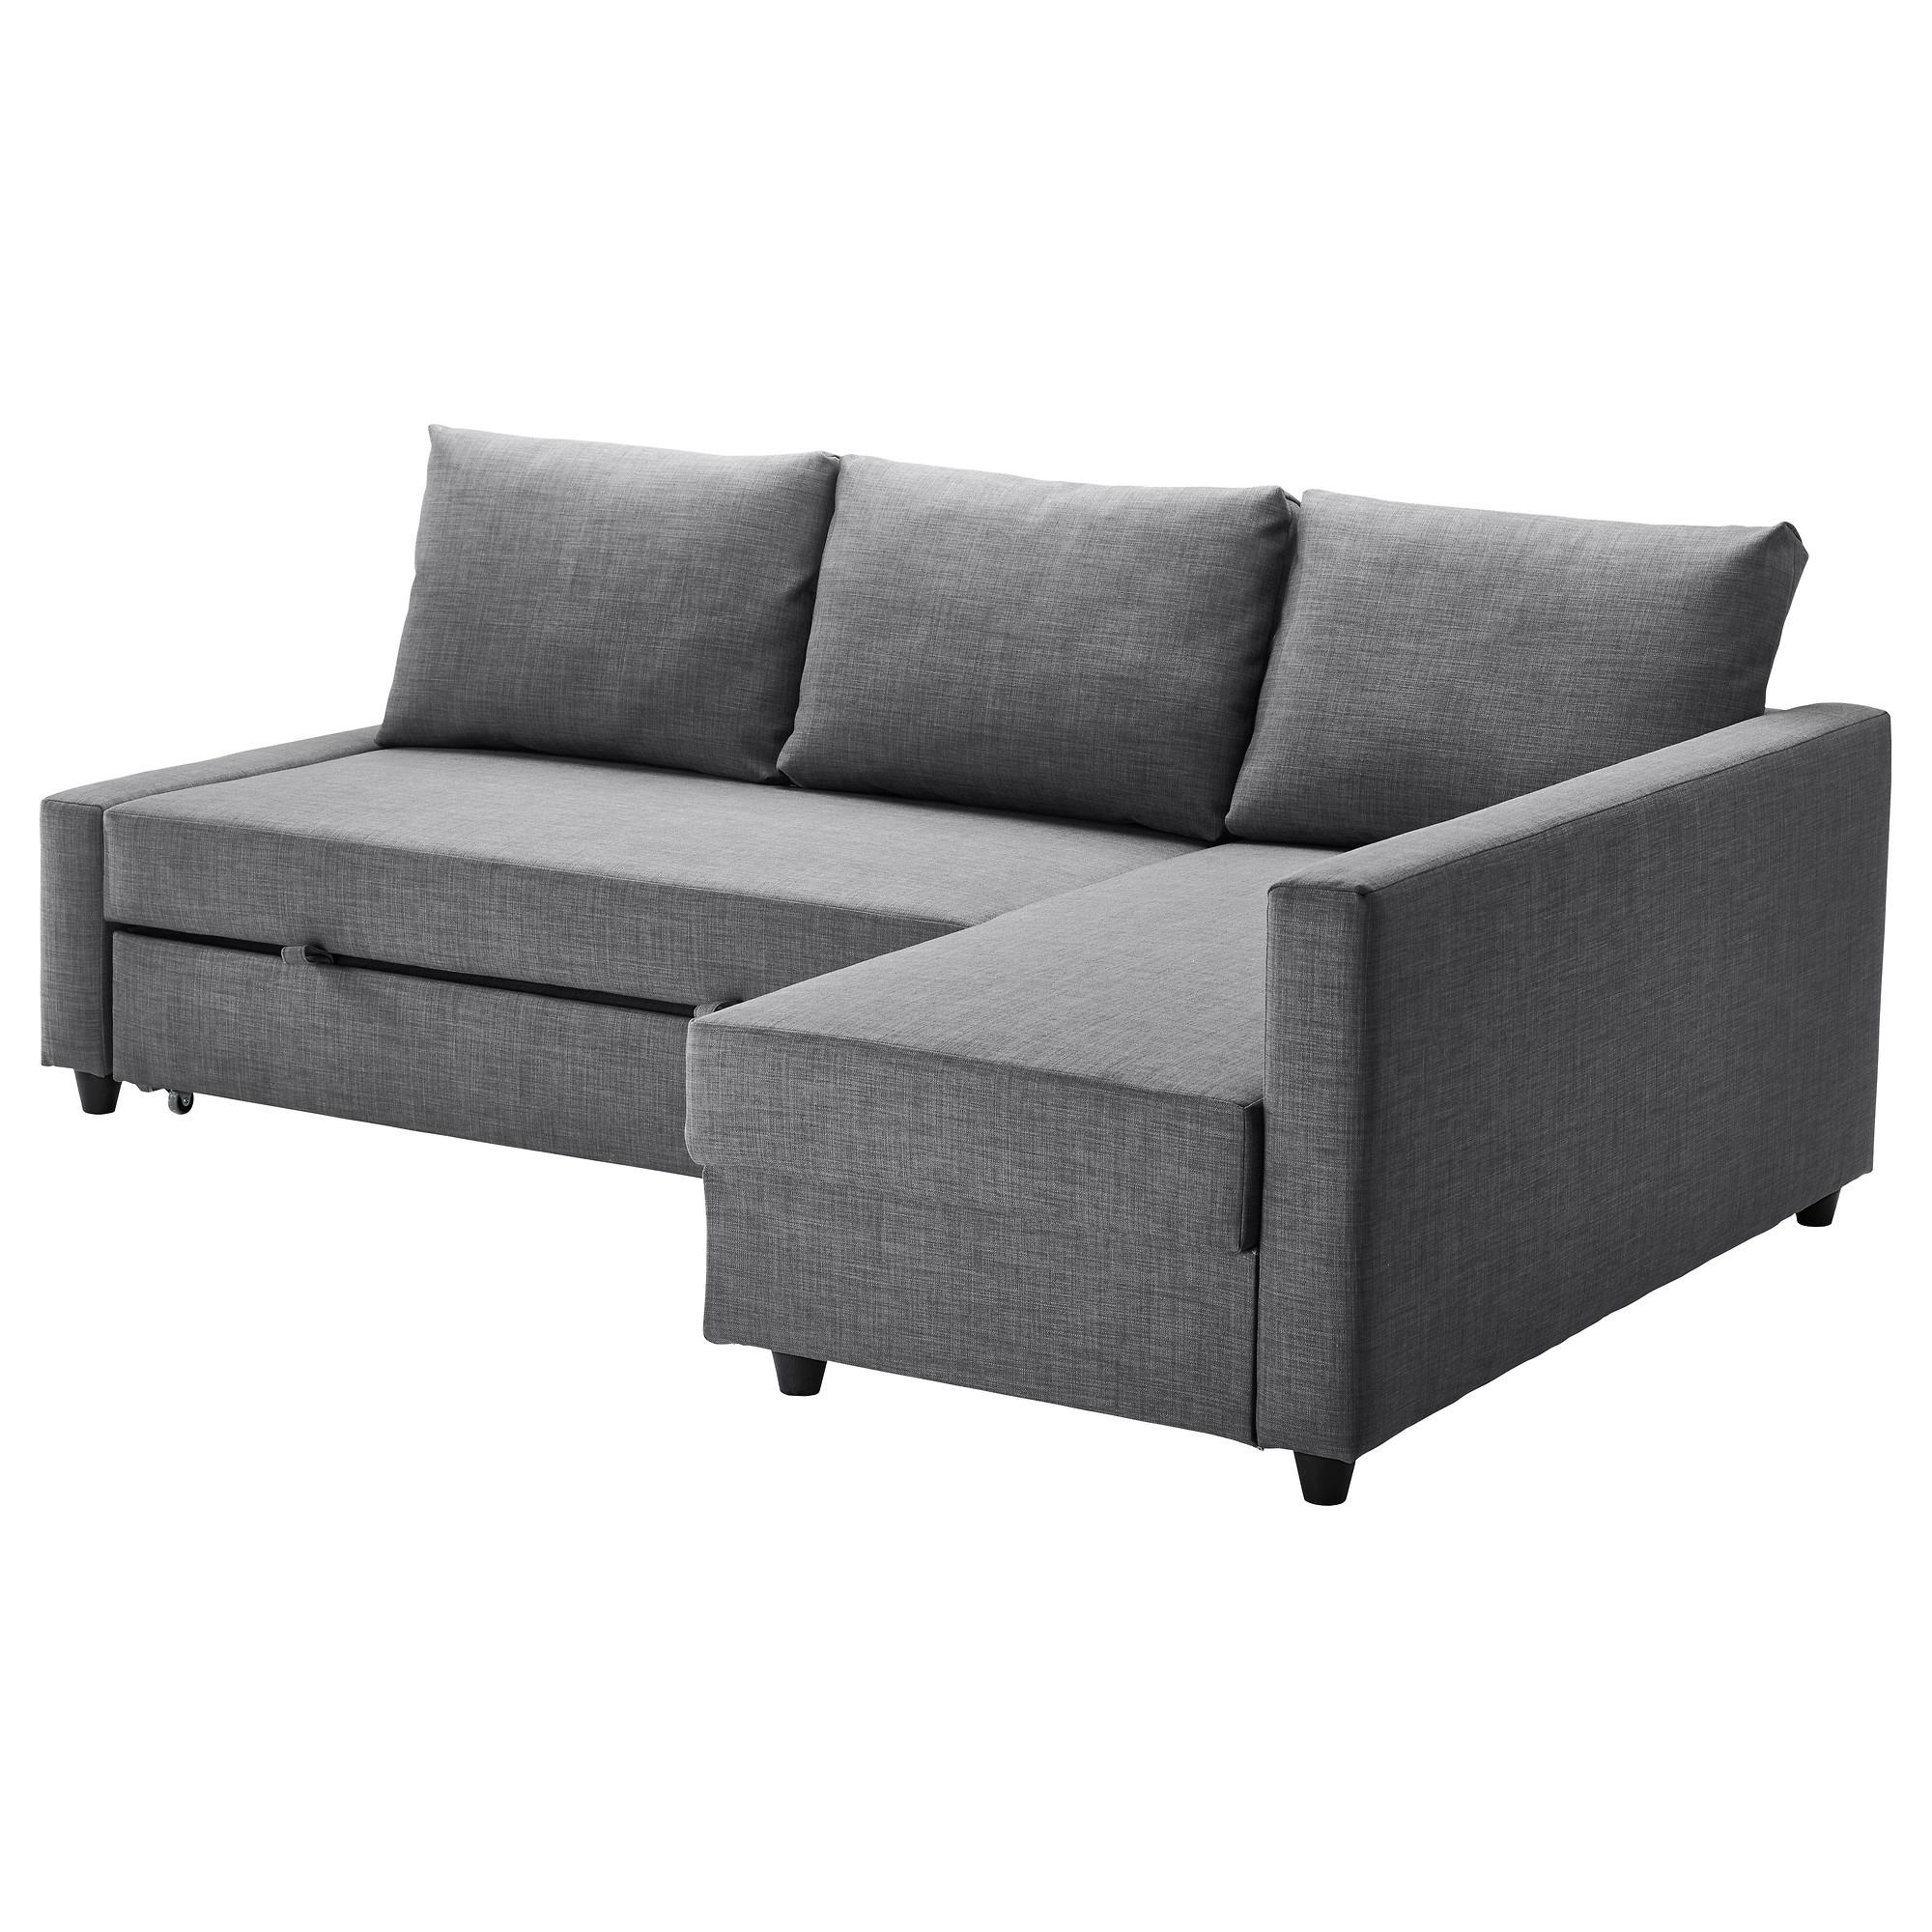 Interesting Sectional Sleeper Sofa Ikea Awesome Cheap Furniture For Ikea Sectional Sleeper Sofas (Image 7 of 10)